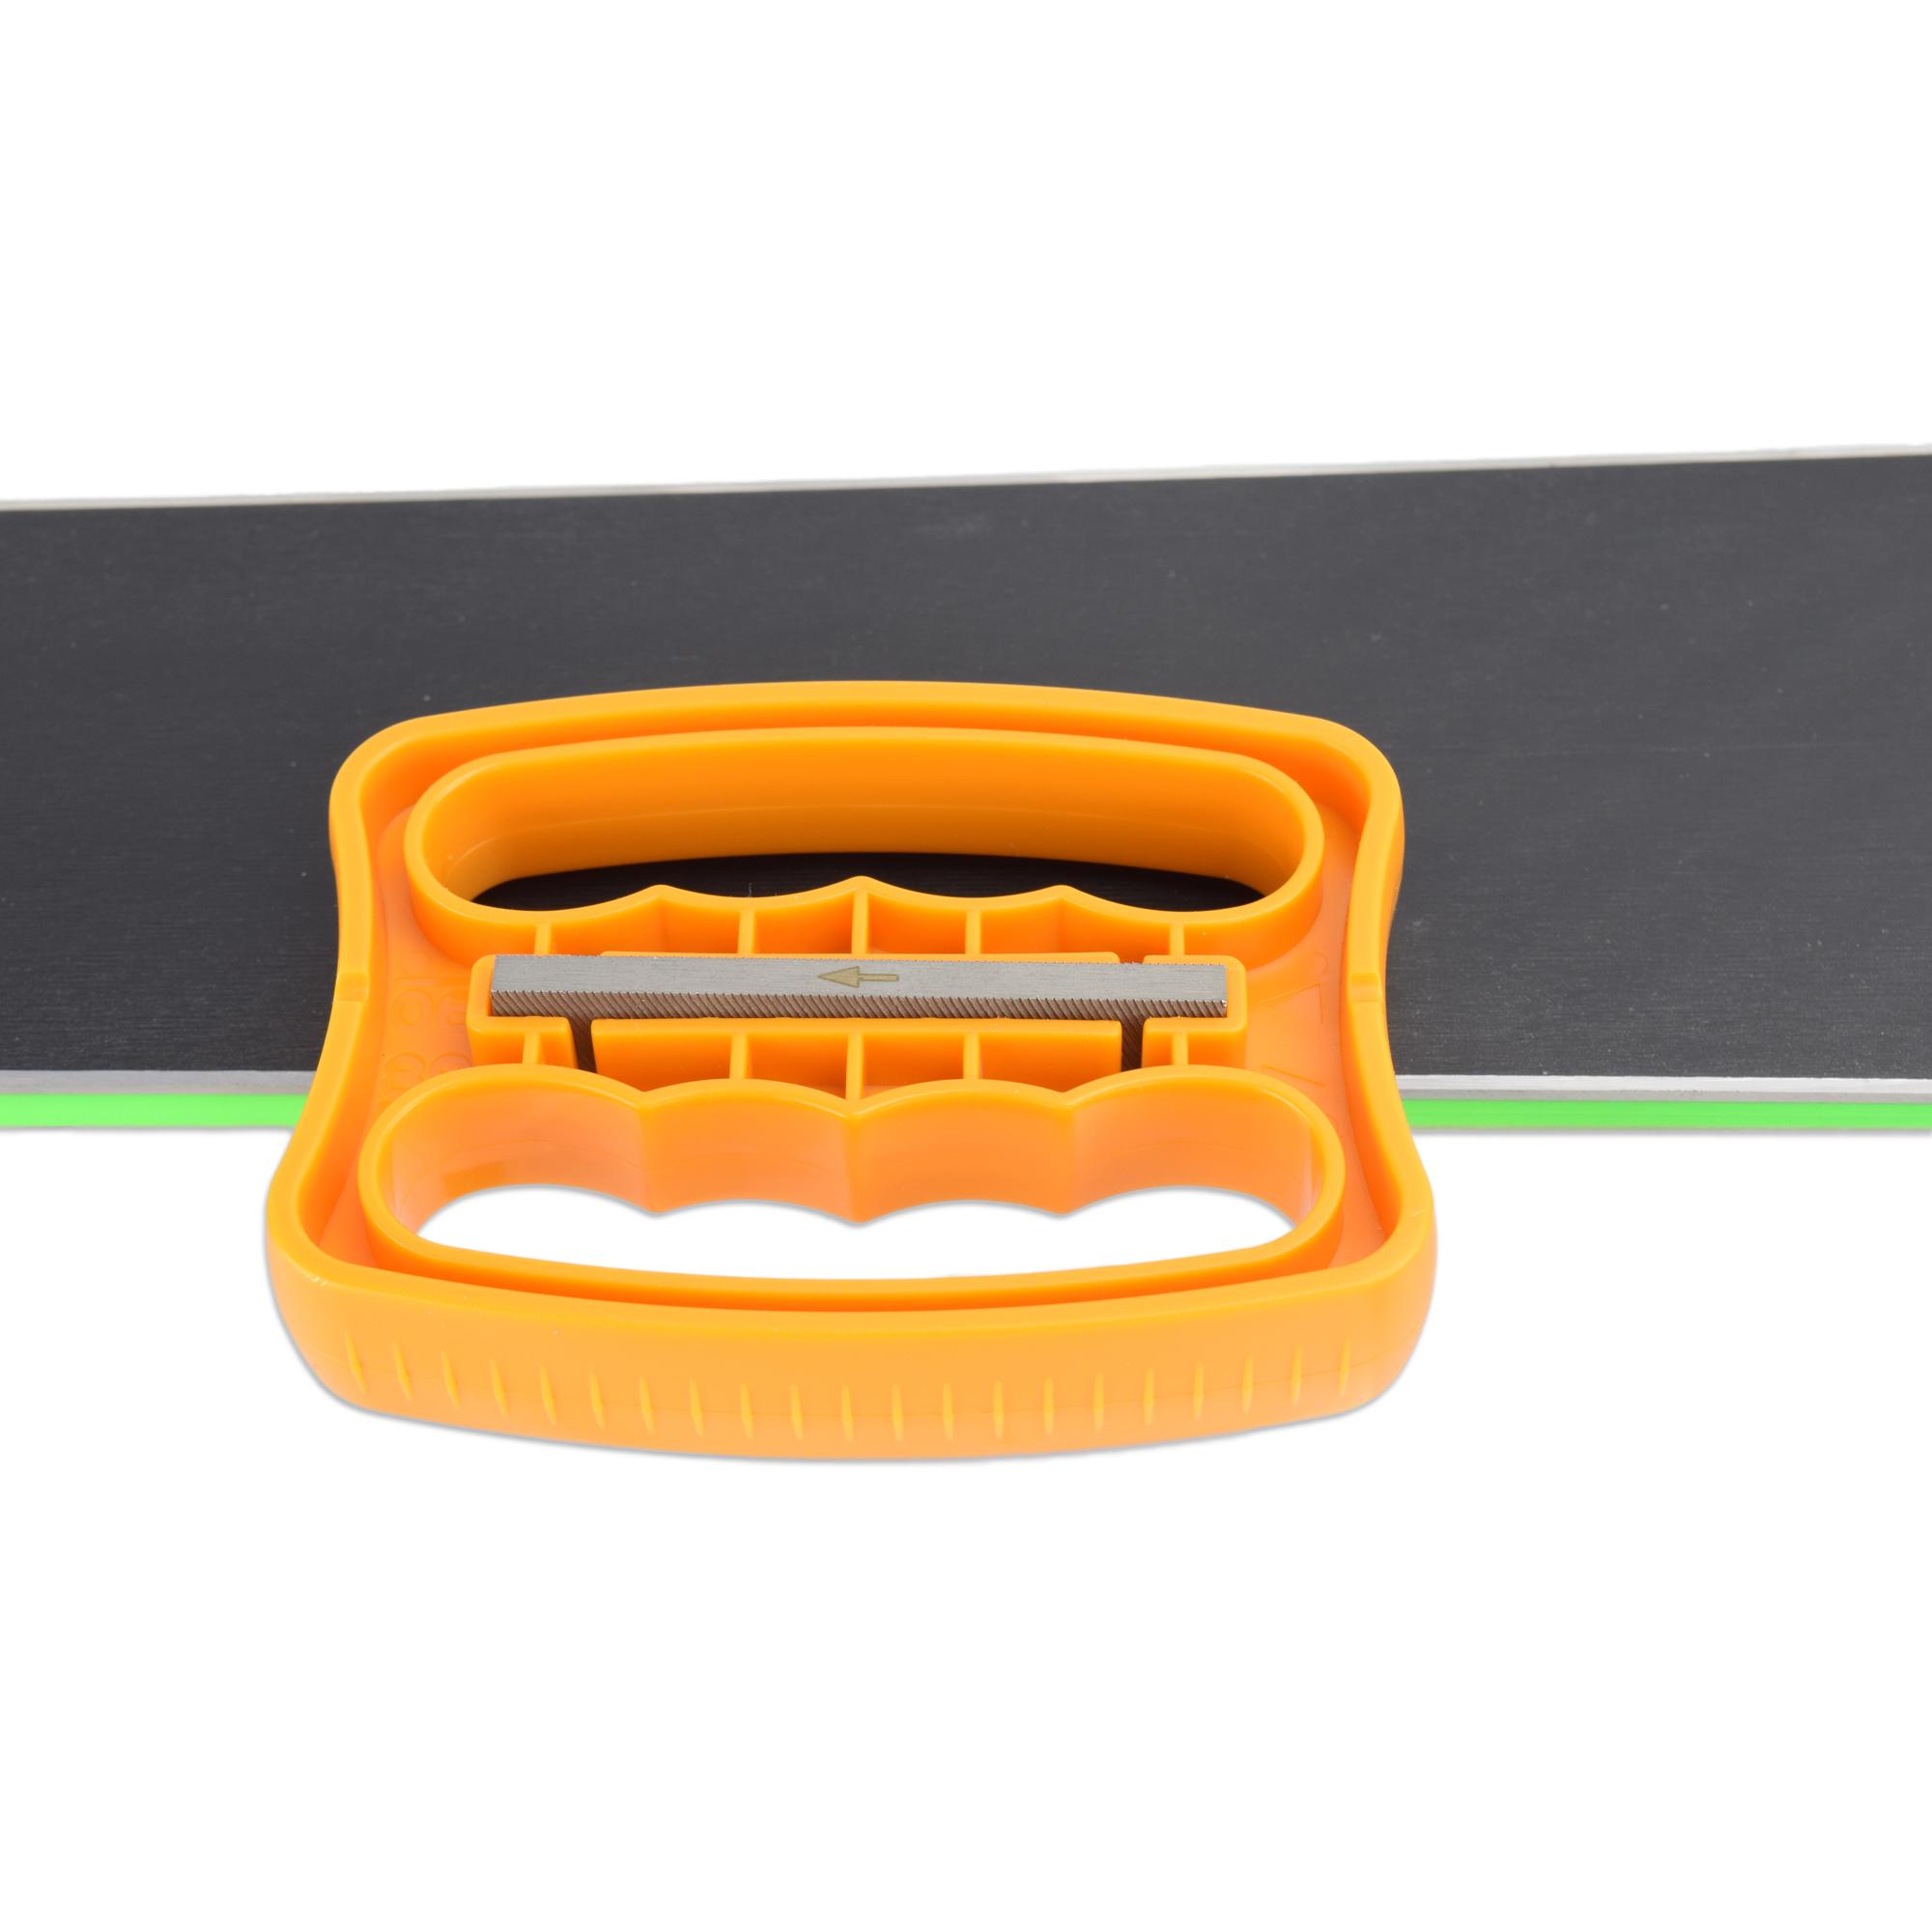 Vise RaceWax Digital Ski Wax Tuning Kit Accepts Snowboard Adapter